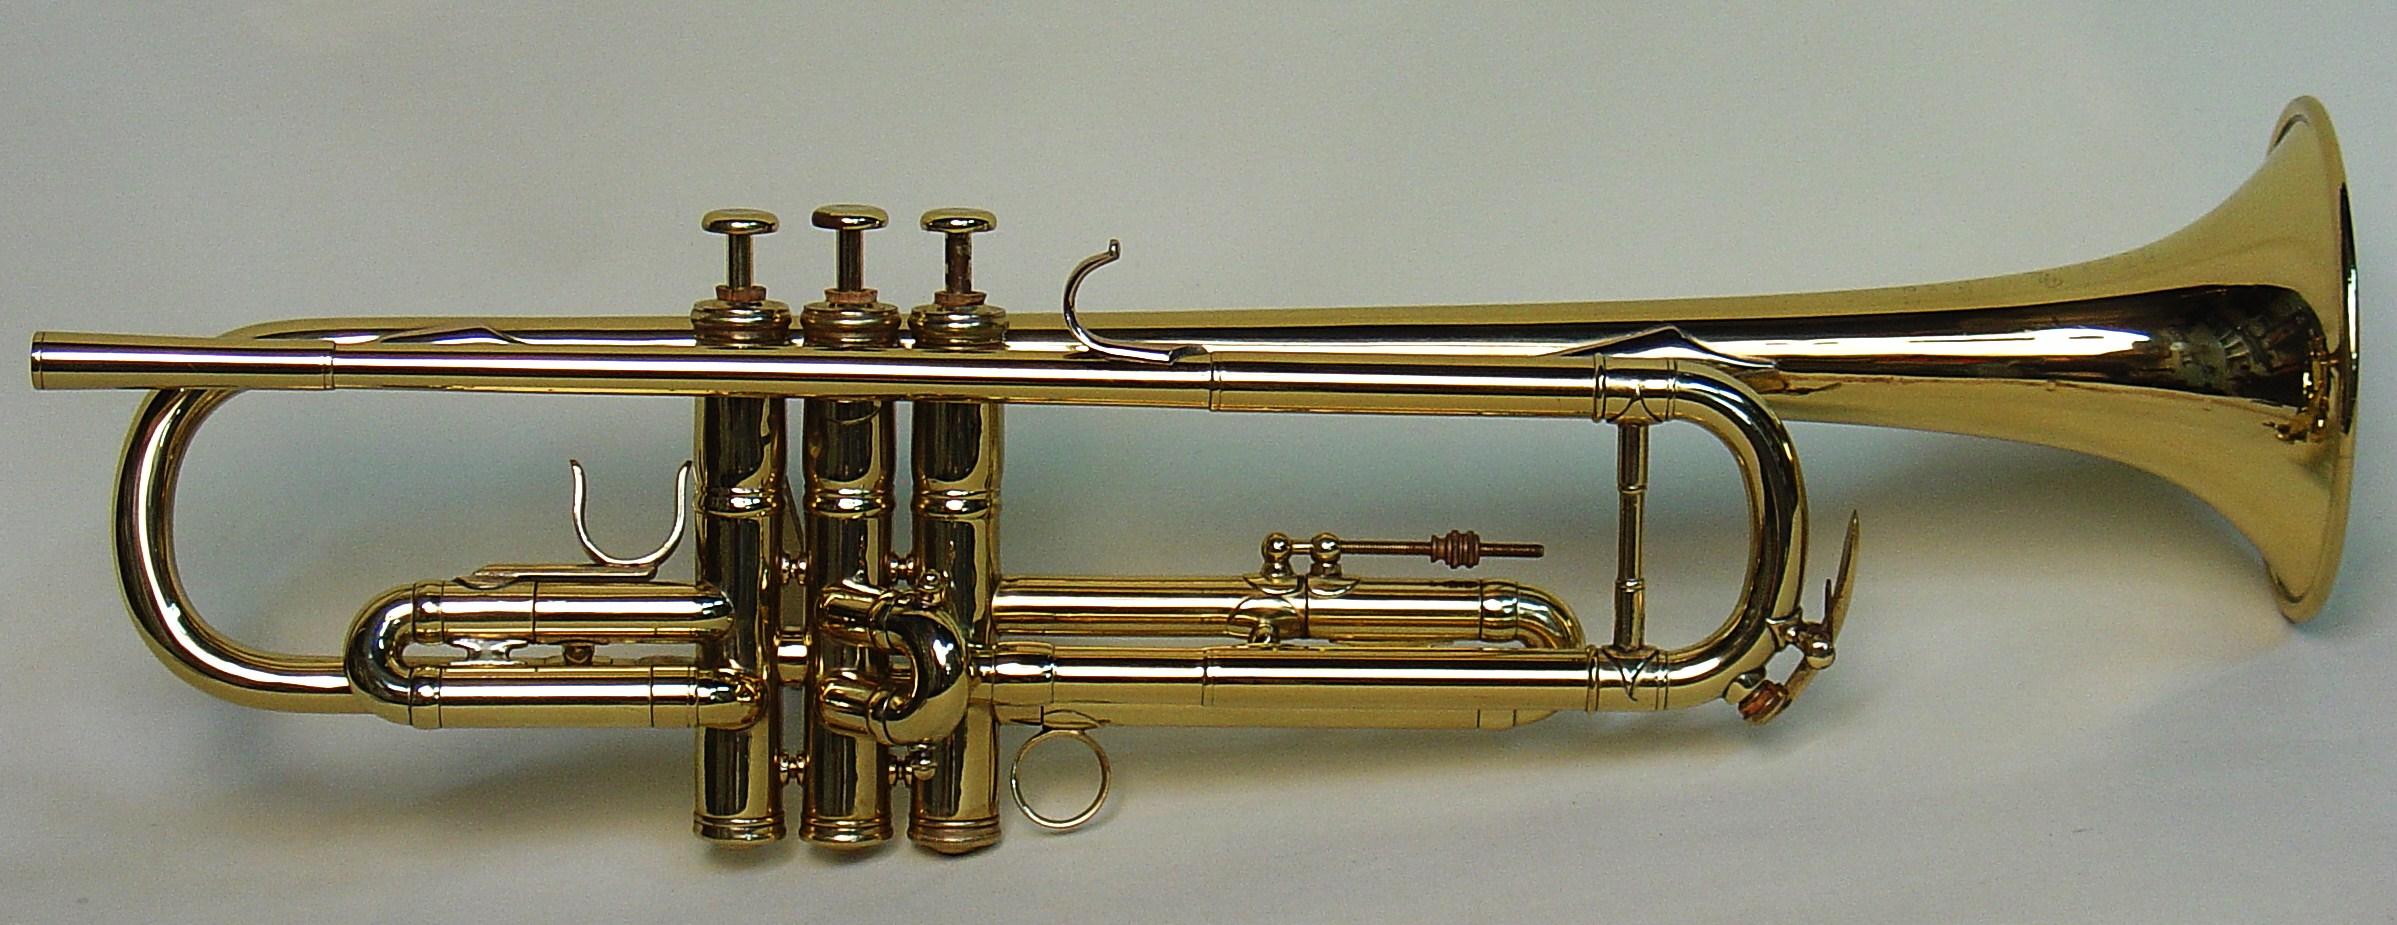 Elden Benge's Besson Trumpet